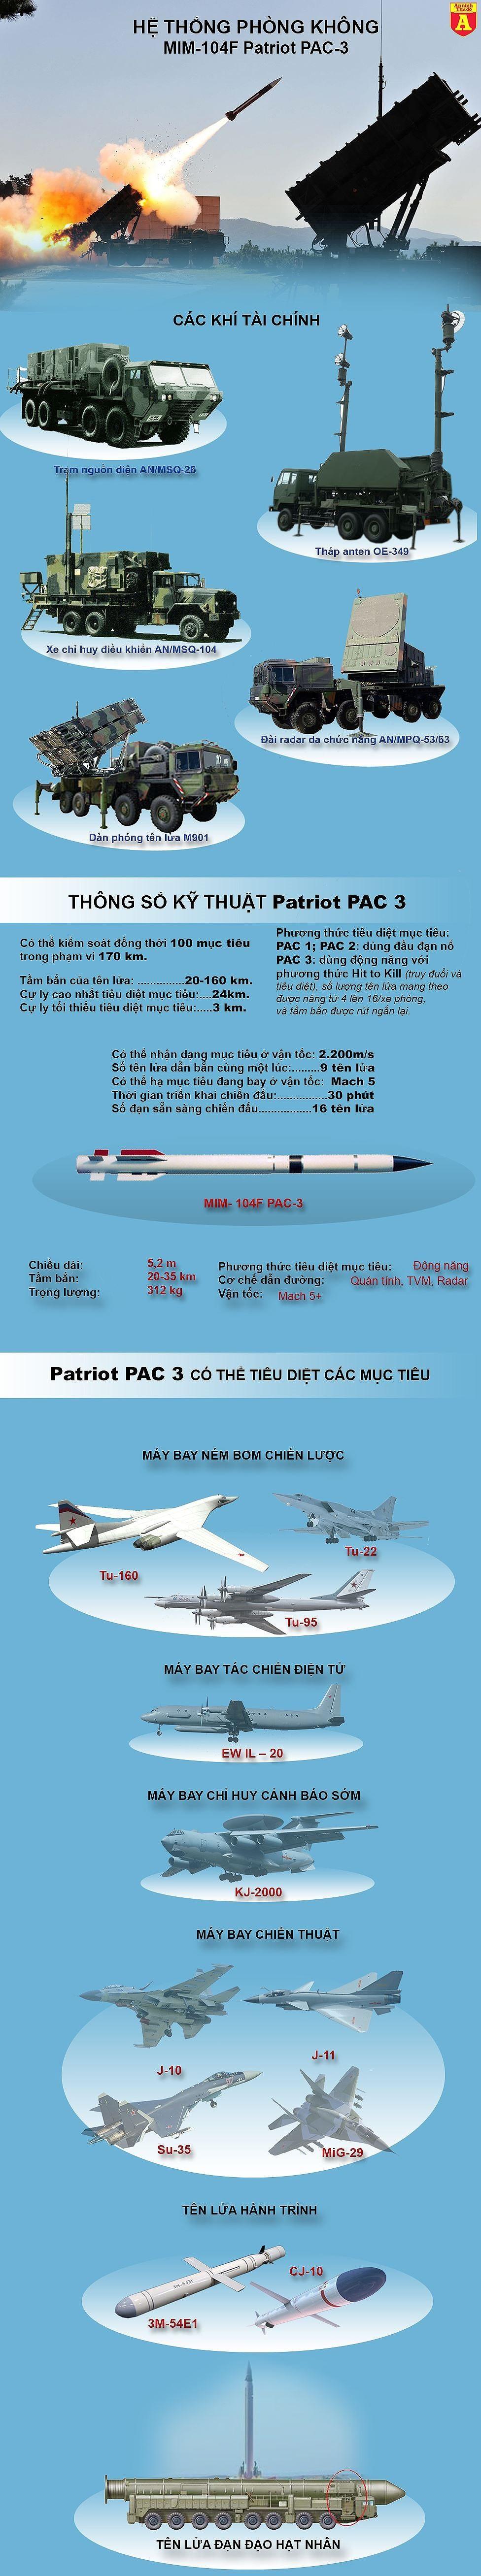 [ĐỒ HỌA] ''Chiến binh canh trời'' Patriot của Mỹ trang bị cho Israel đã bắn hụt UAV của Syria ảnh 2